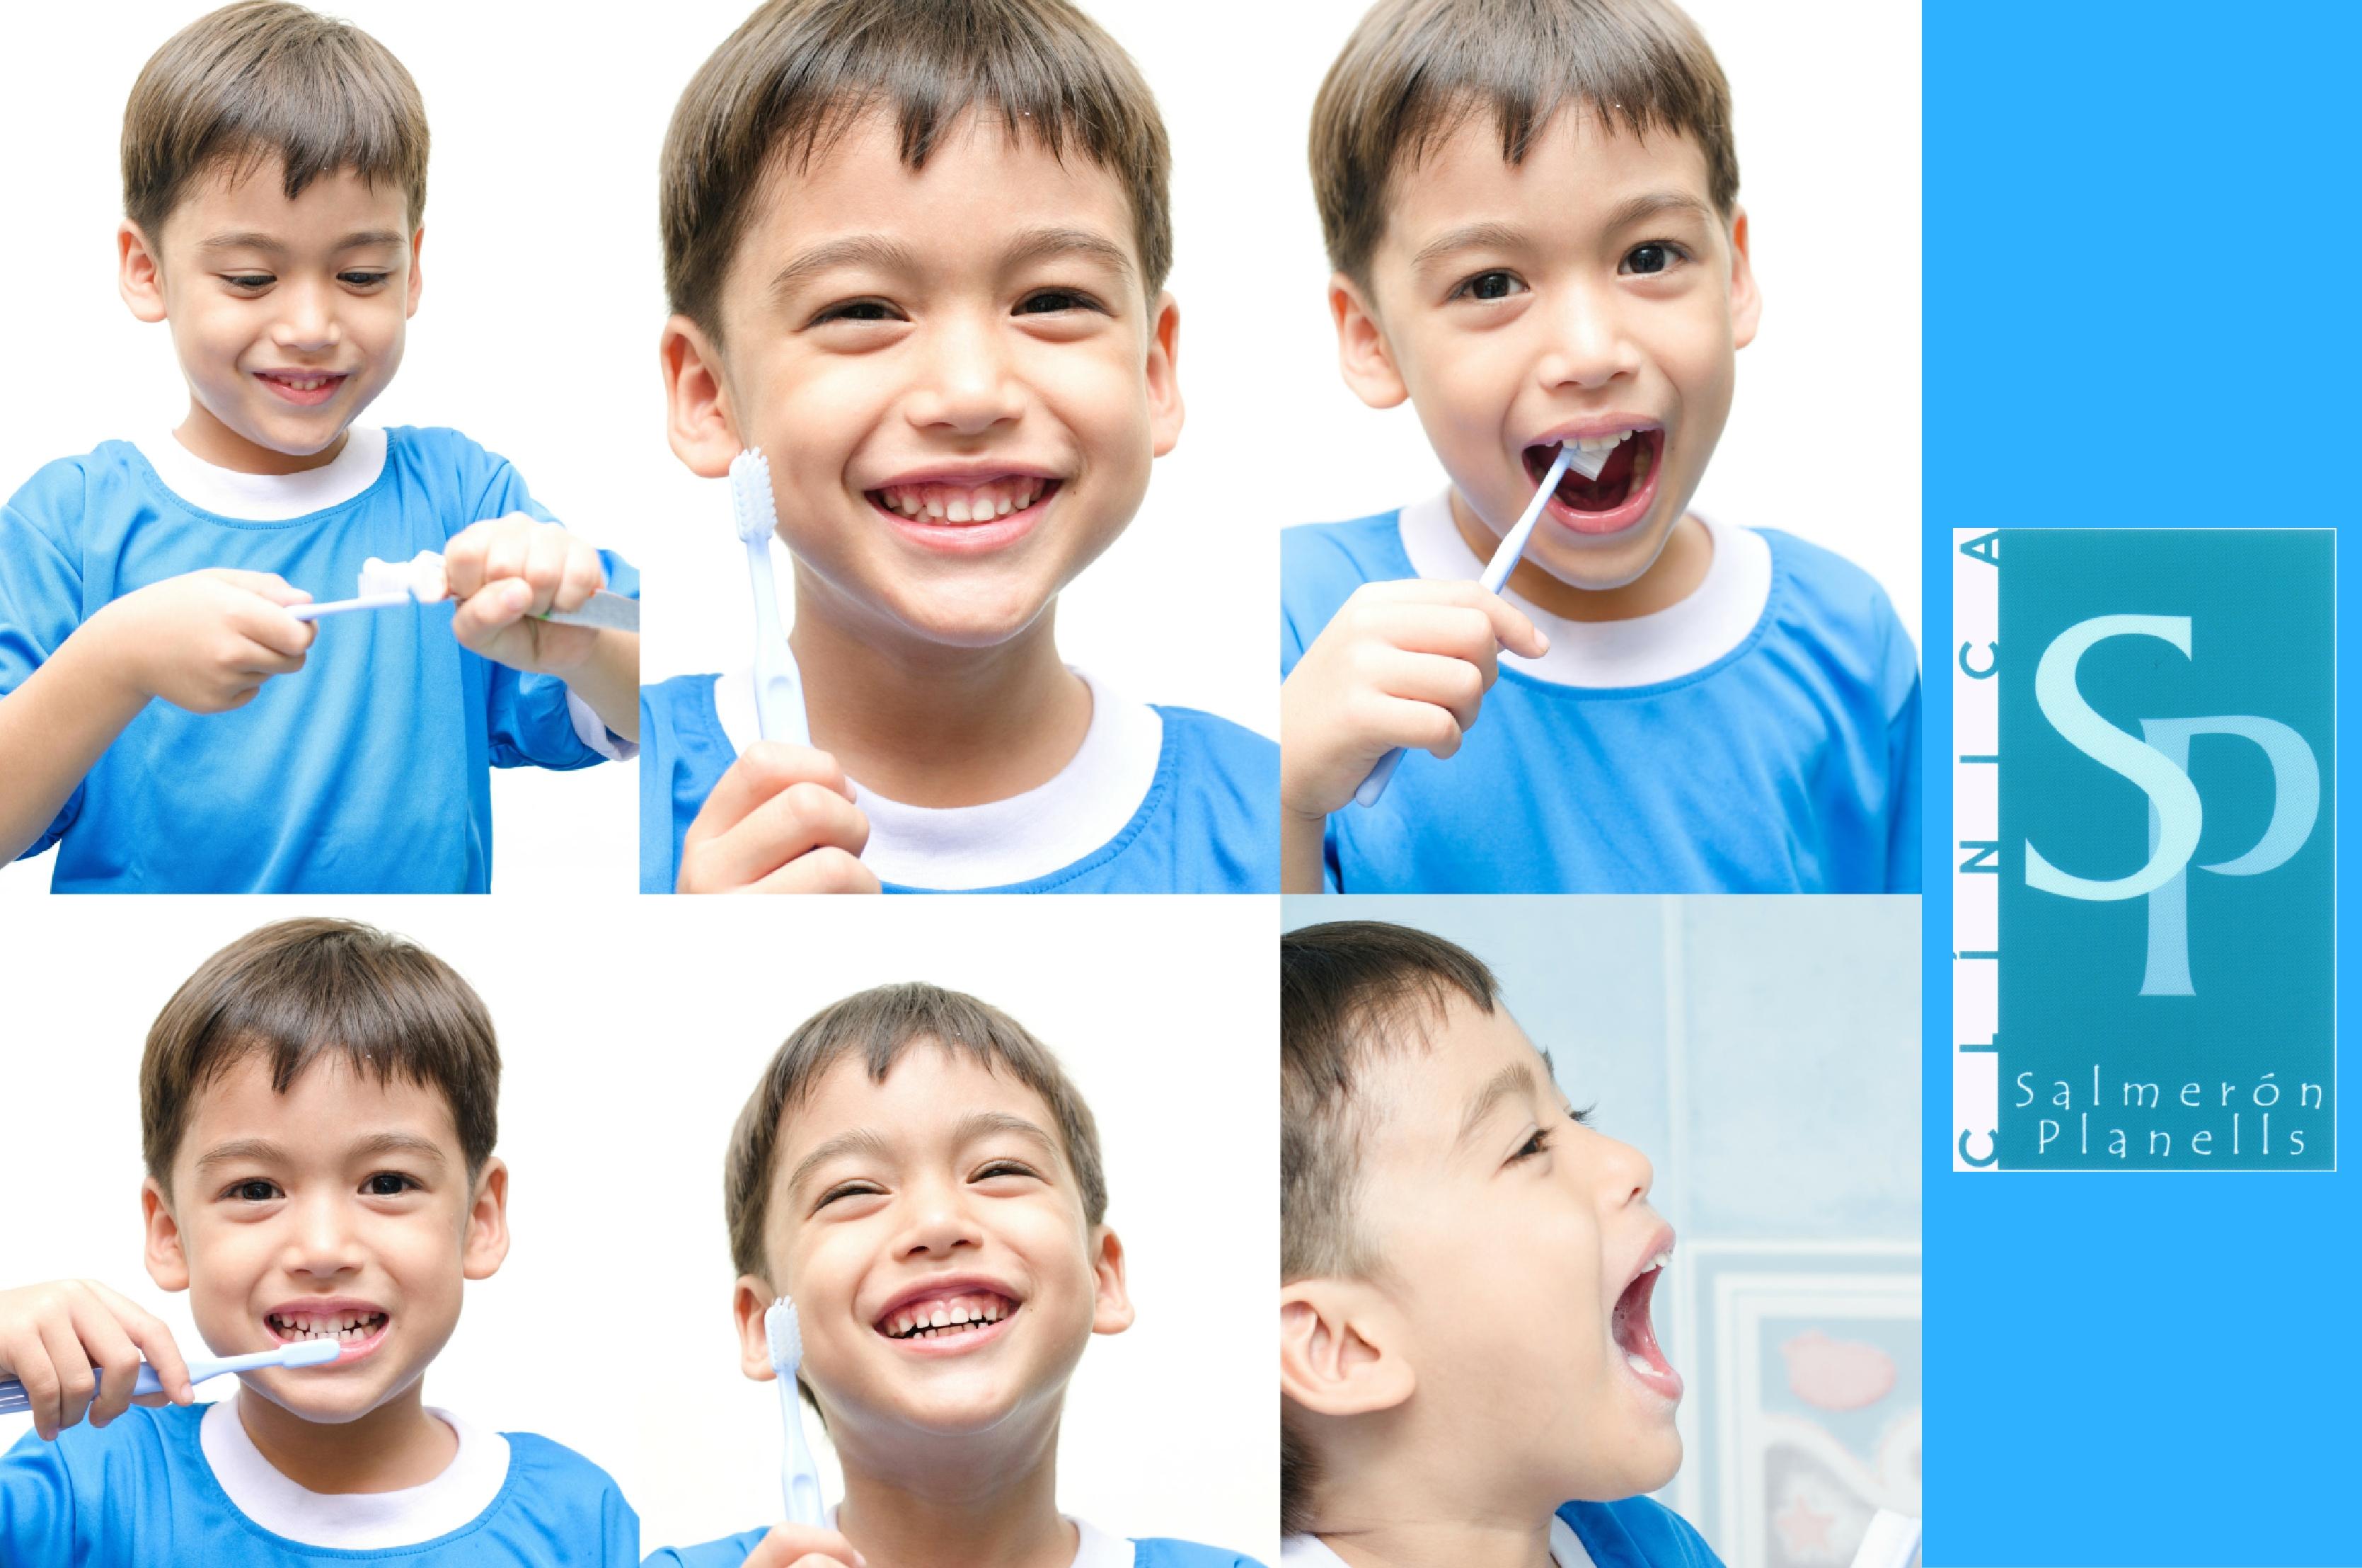 Los niños españoles no se cepillan bien los dientes